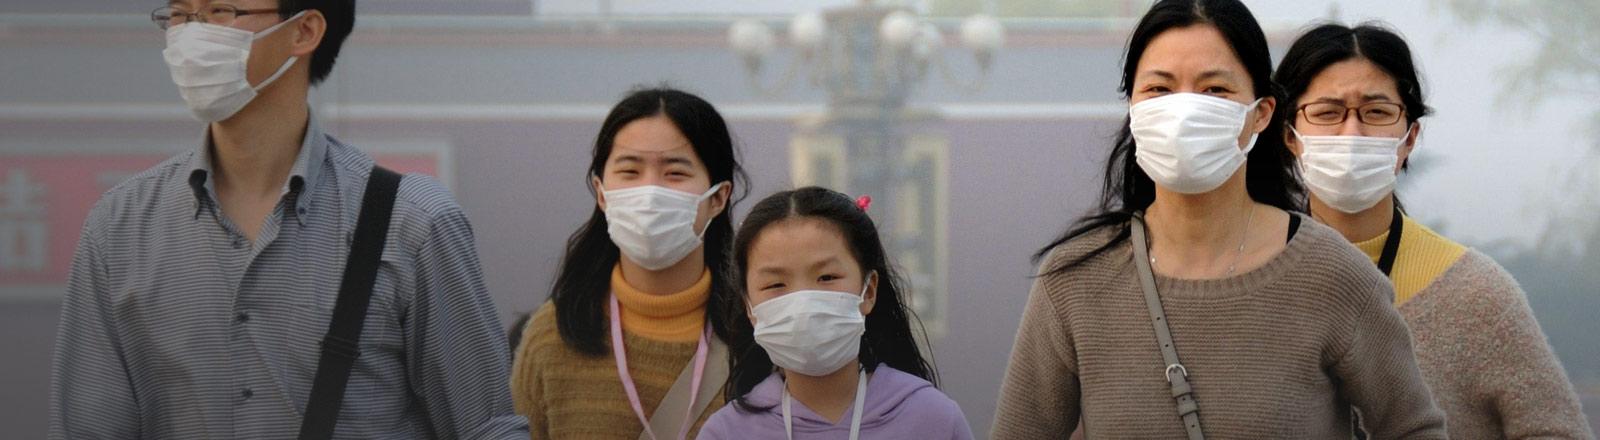 Eine Familie in Asien geht auf der Straße mit Mundschutz.